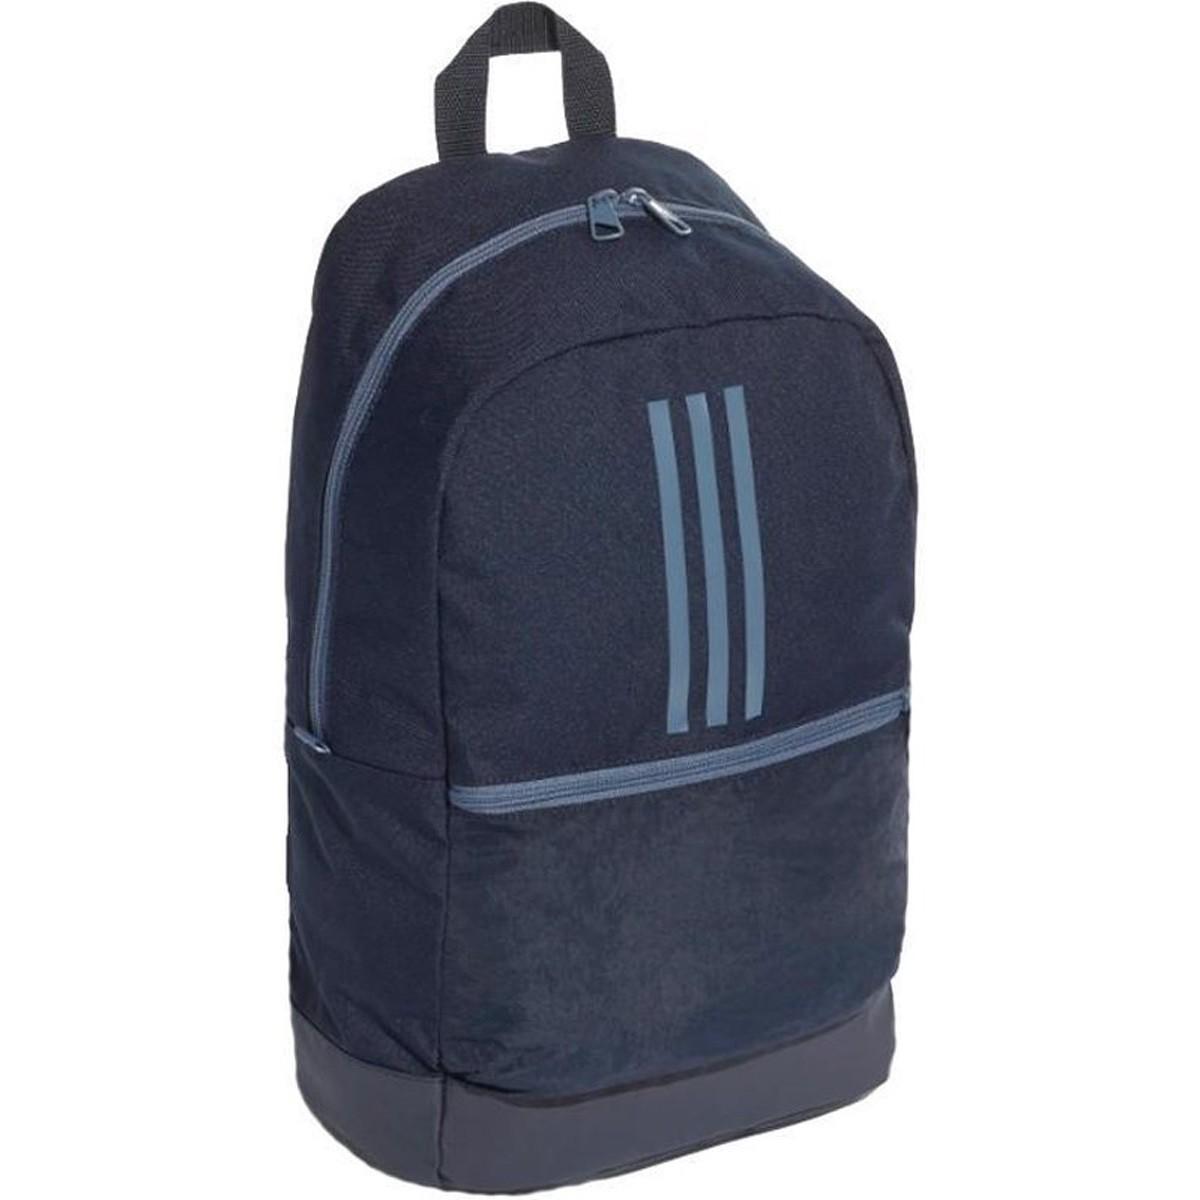 Zdjęcie Plecak Szkolny Miejski Adidas Classic BP 3S granatowy DZ8263